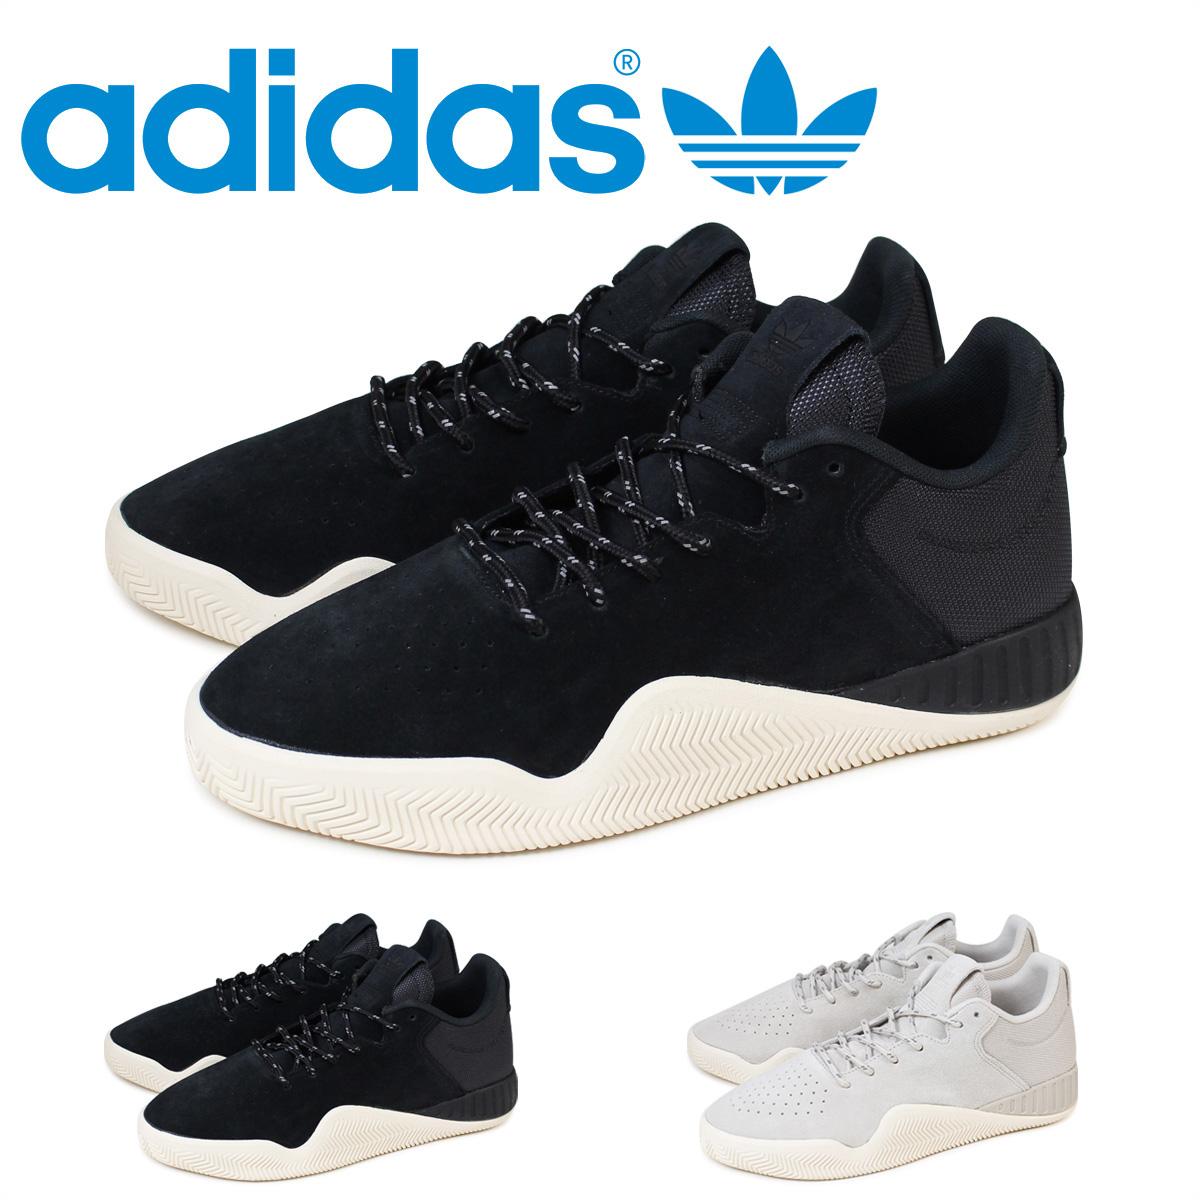 アディダス オリジナルス adidas Originals チューブラー スニーカー チュブラー TUBULAR メンズ BB8418 BB8419 ホワイト ブラック